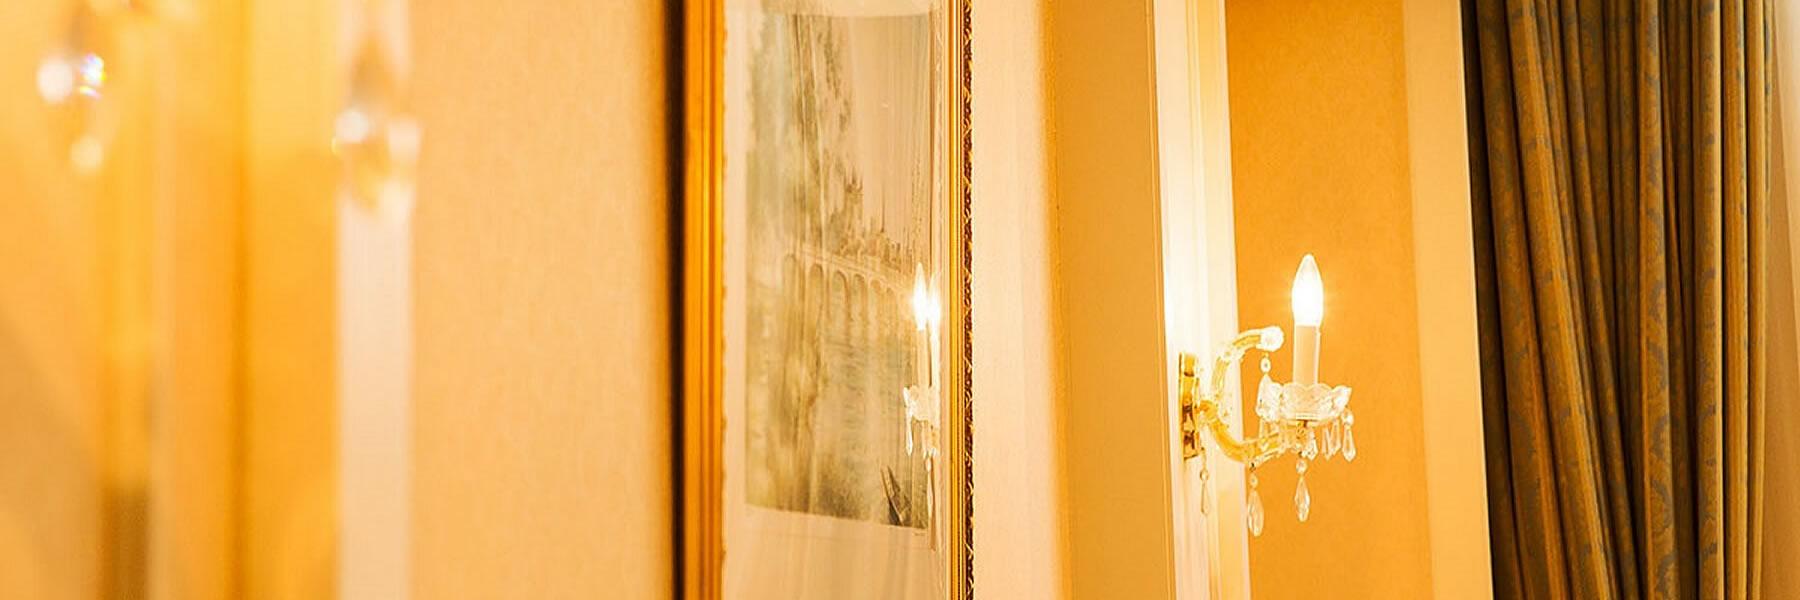 資料請求|レンブラントホテル海老名(旧オークラフロンティアホテル海老名)【公式】婚礼サイト